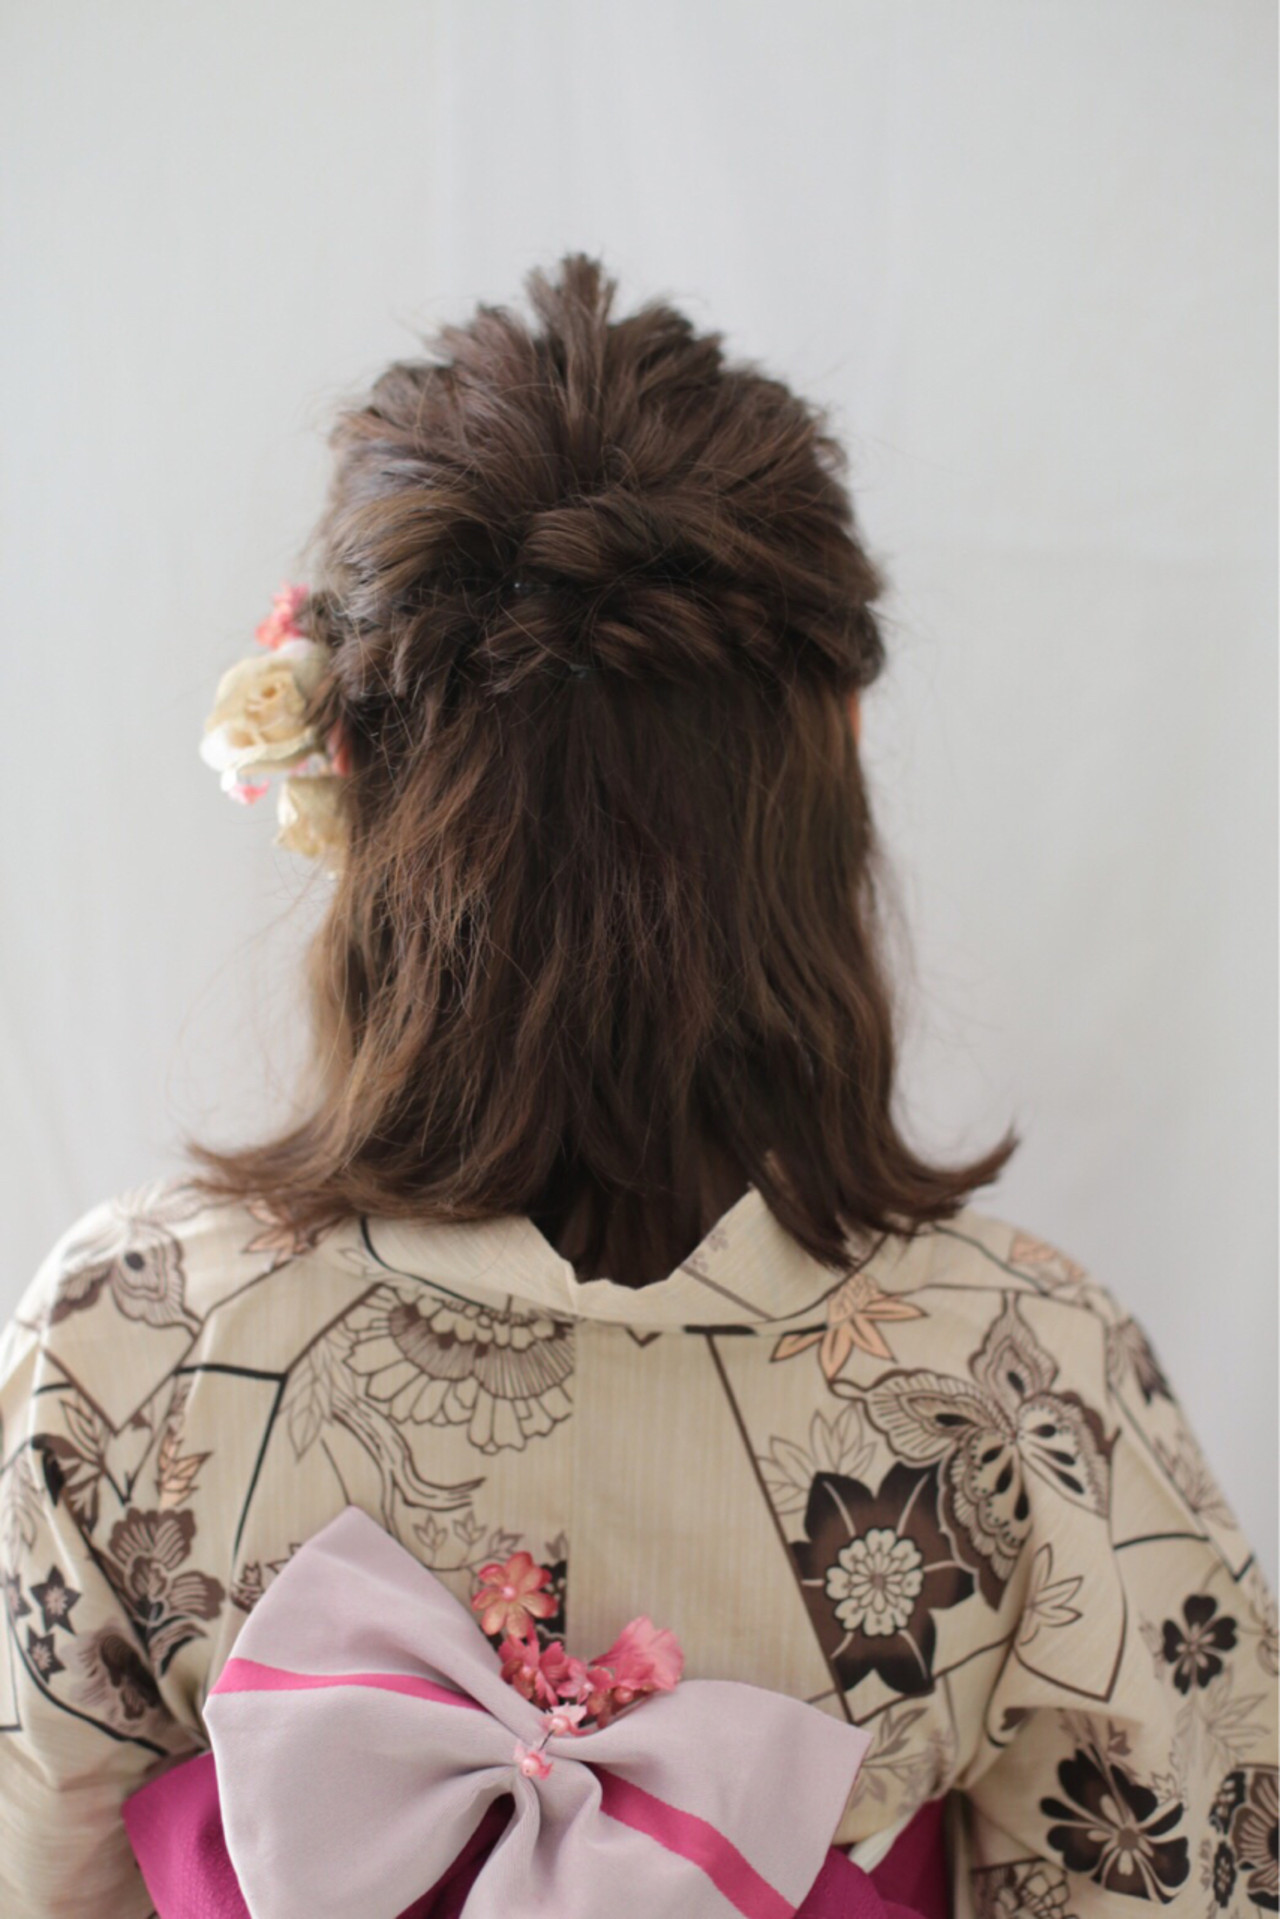 和装 ヘアアレンジ レトロ オン眉 ヘアスタイルや髪型の写真・画像